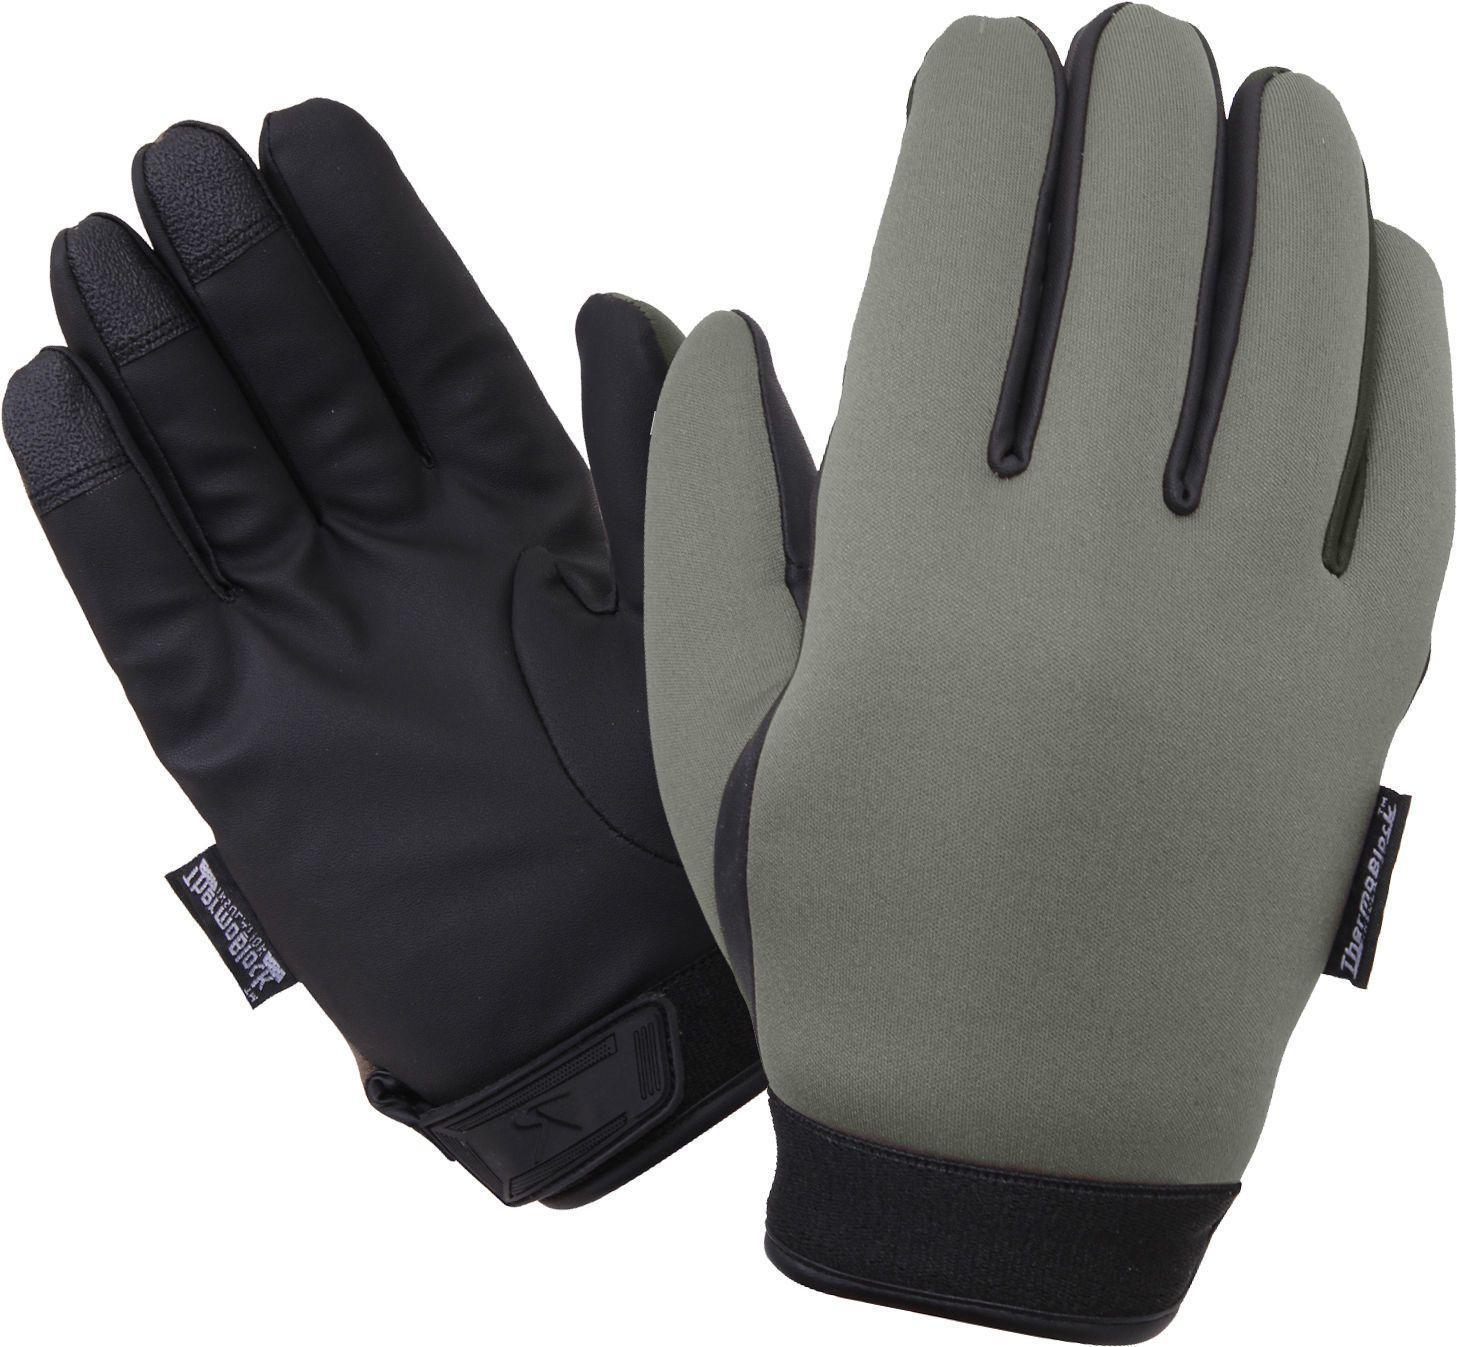 Rothco Fashion Gloves   Mittens  ebay  Fashion  e5ff001c9ab